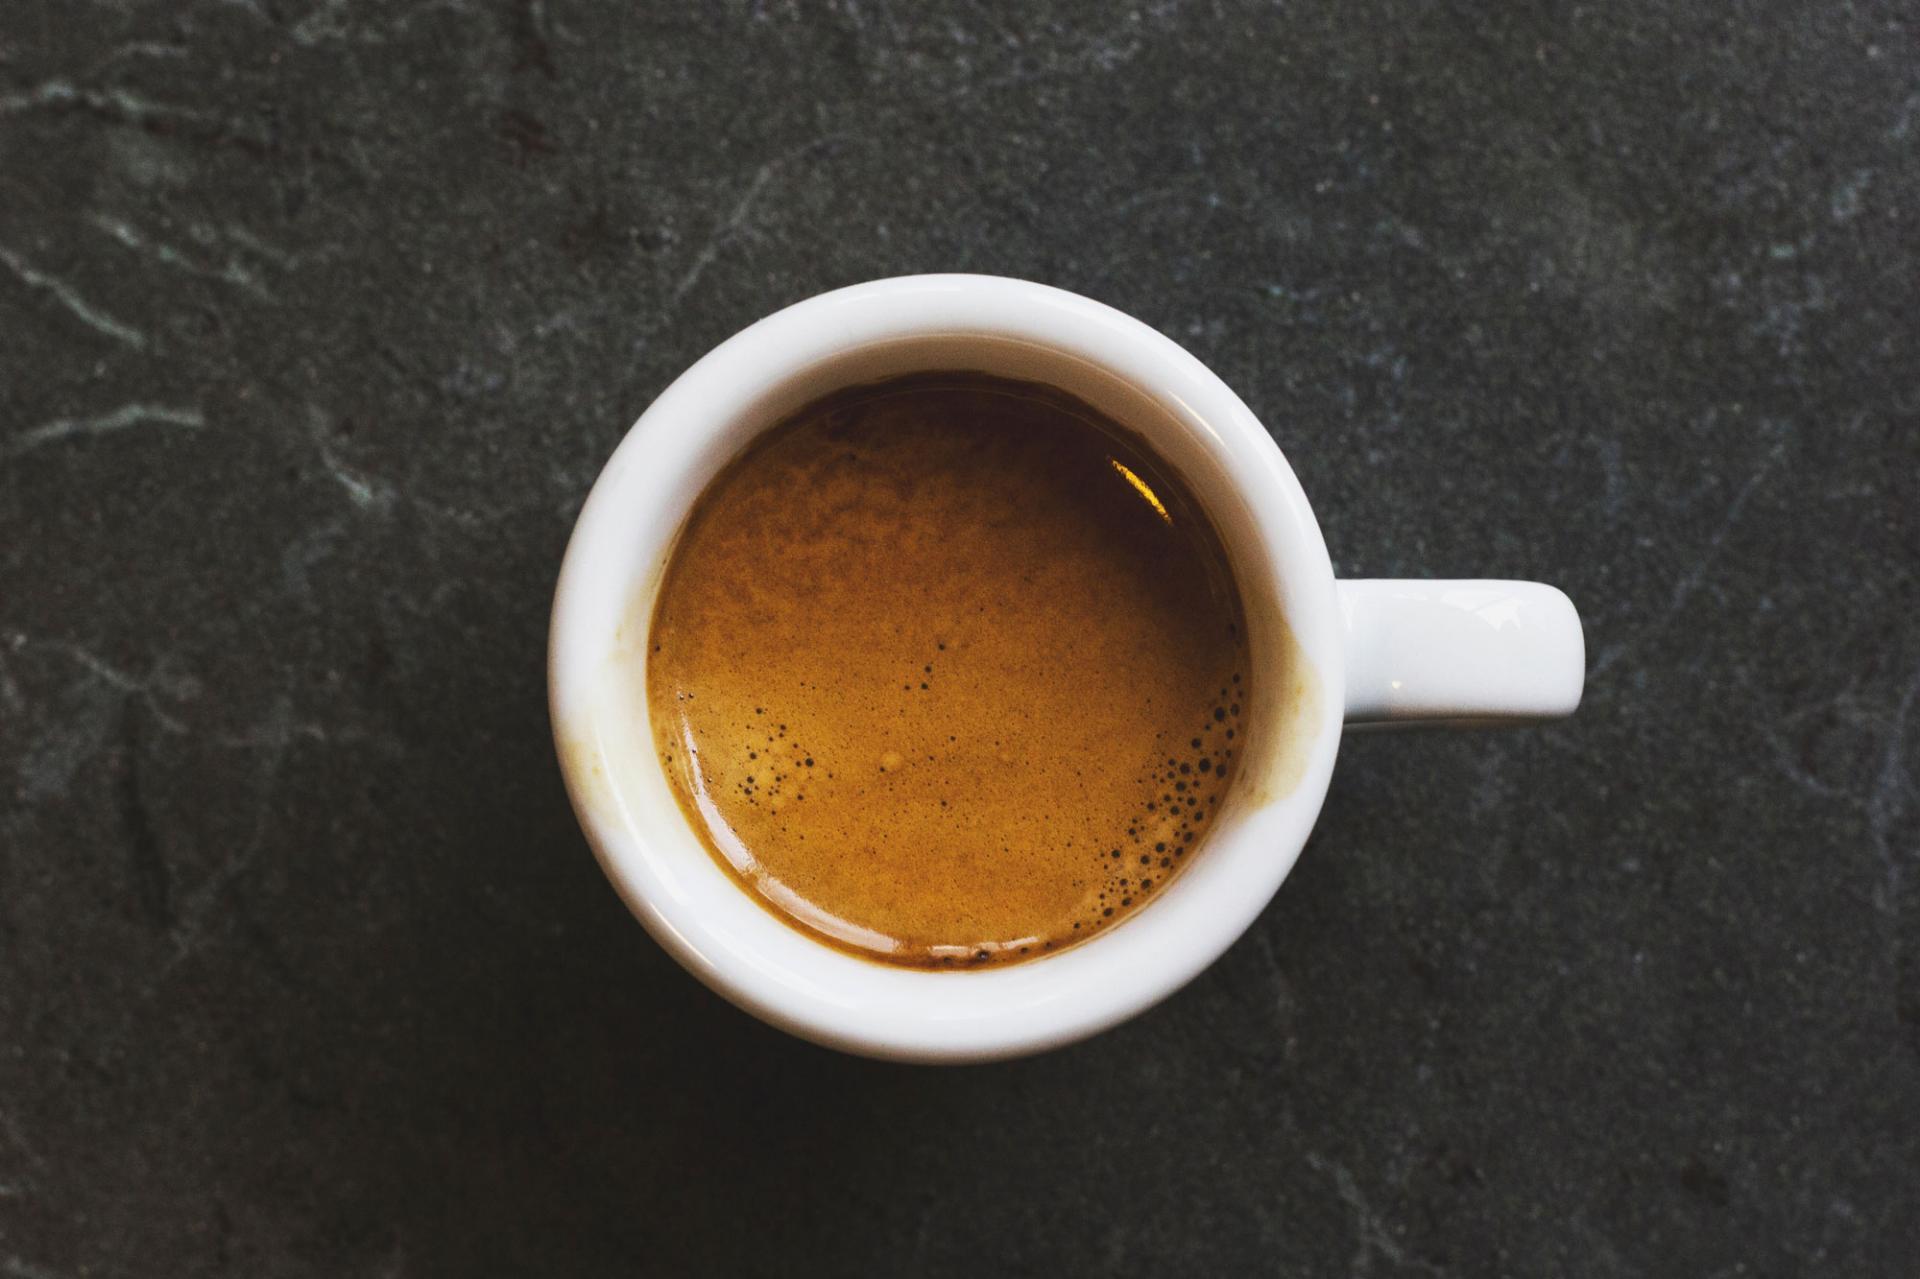 ВДепздраве назвали безопасную суточную для организма дозу кофе